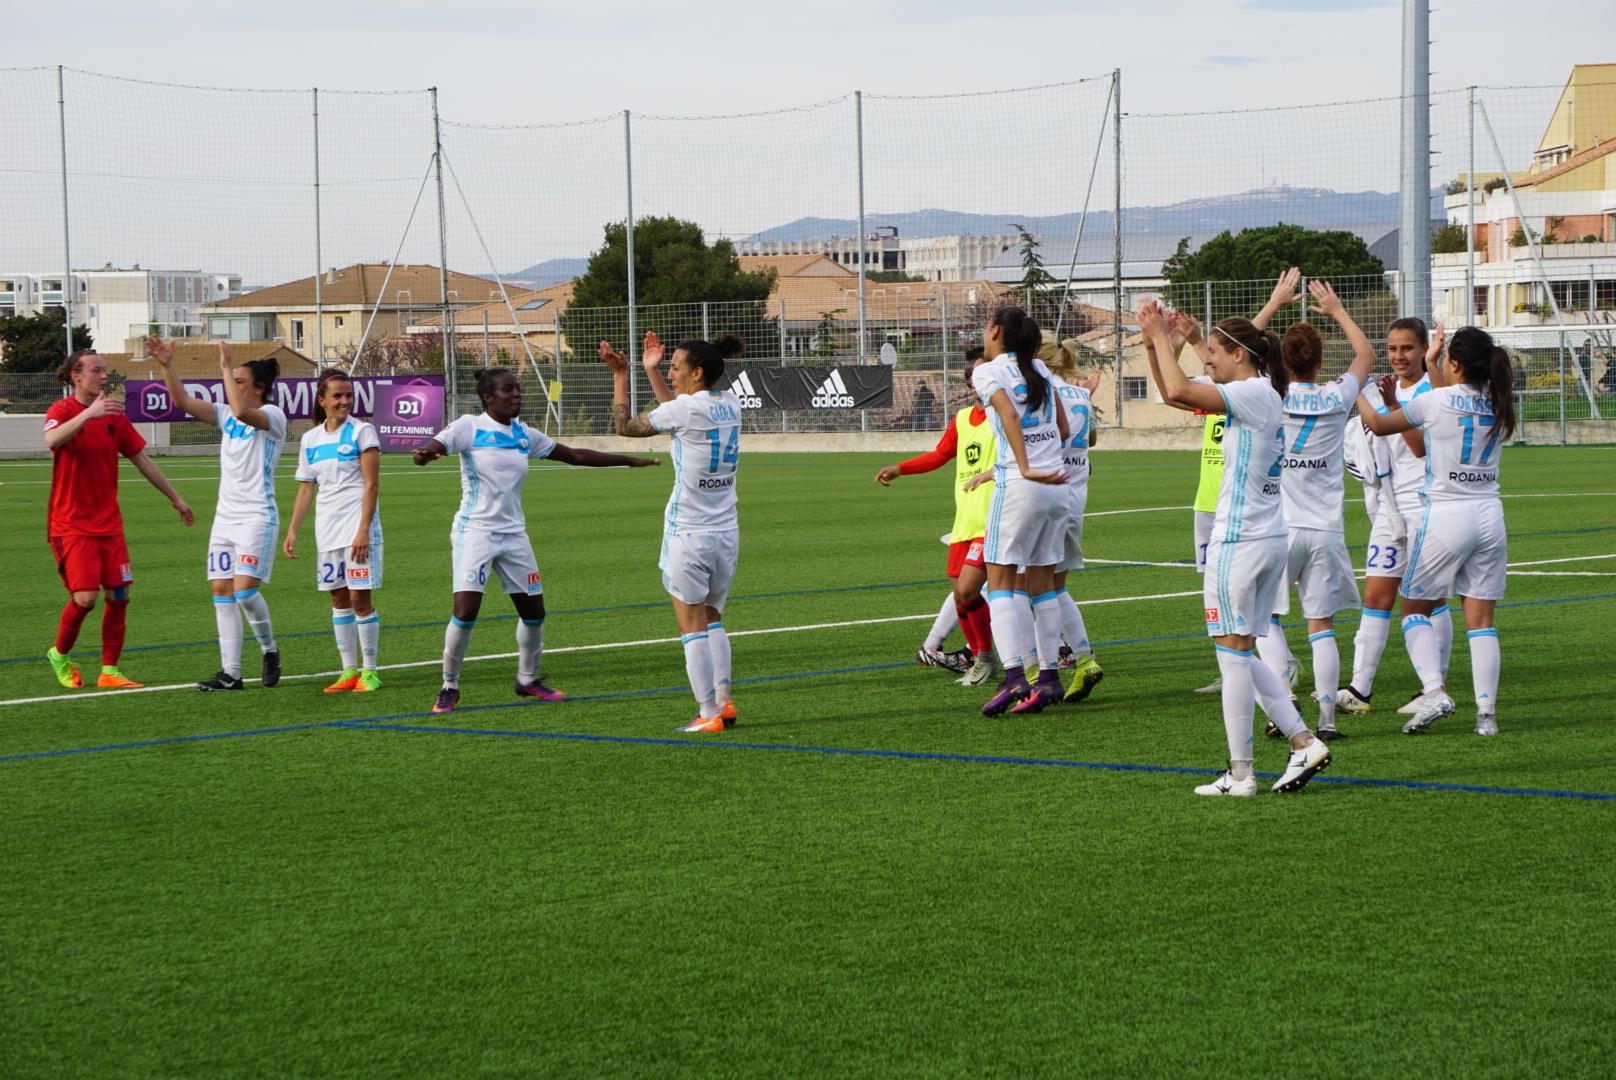 Les Olympiennes fêtent leur victoire historique avec le public (photo footofeminin.fr)